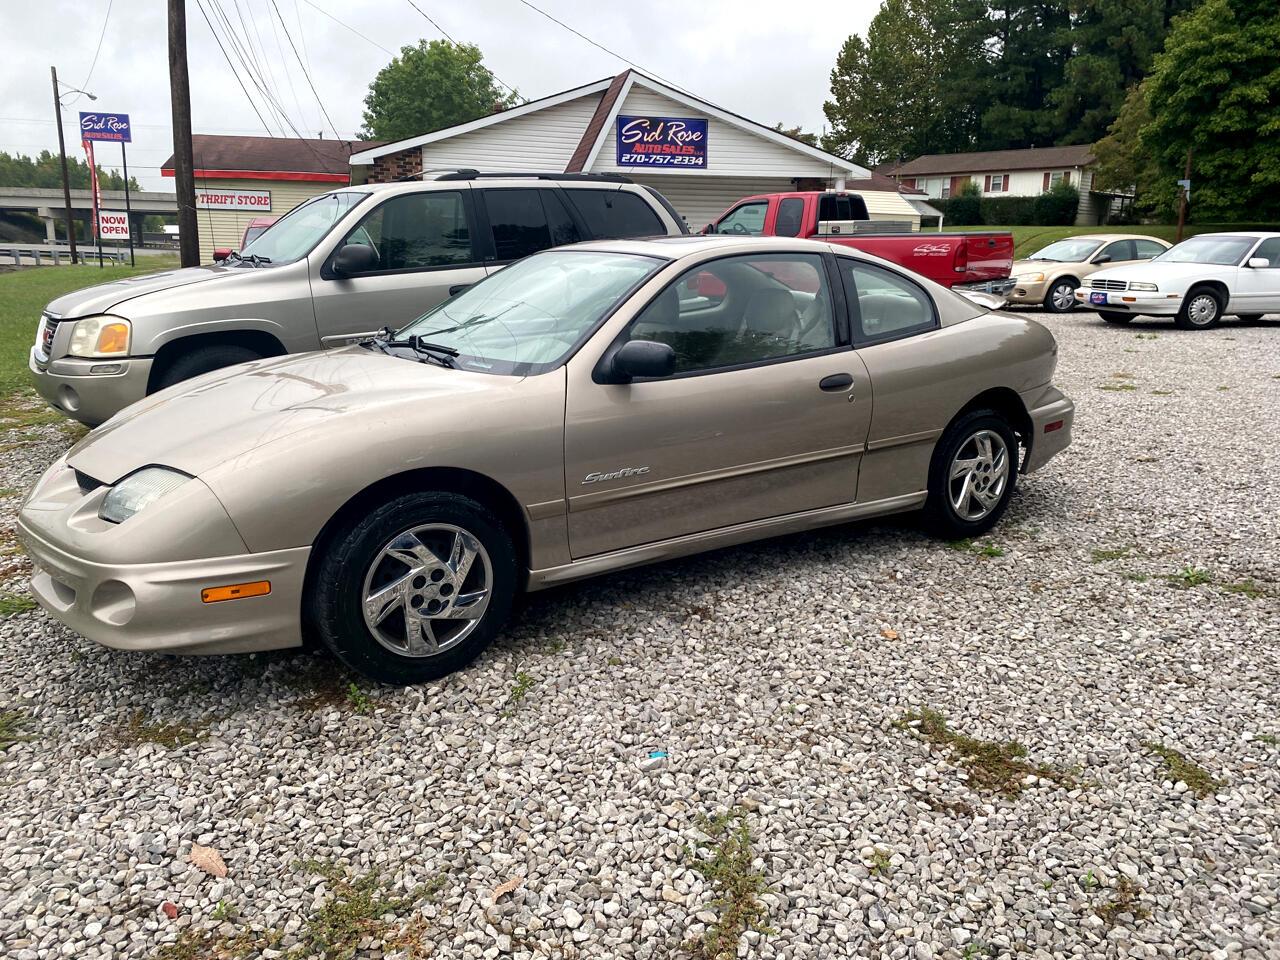 Pontiac Sunfire SE coupe 2002